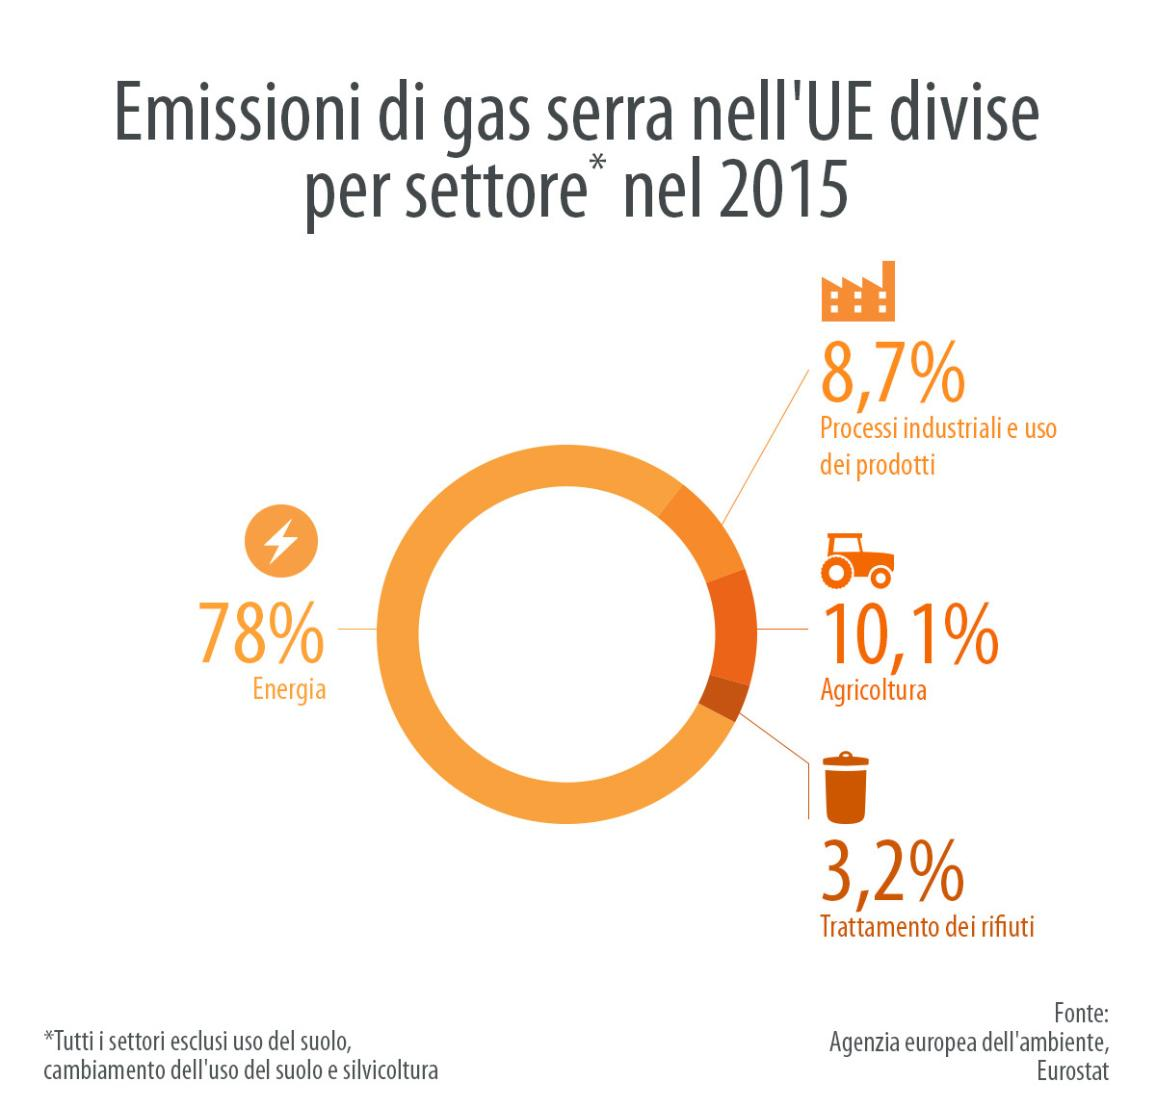 Infografica: Emissioni di gas effetto serra nell'UE per settore nel 2015